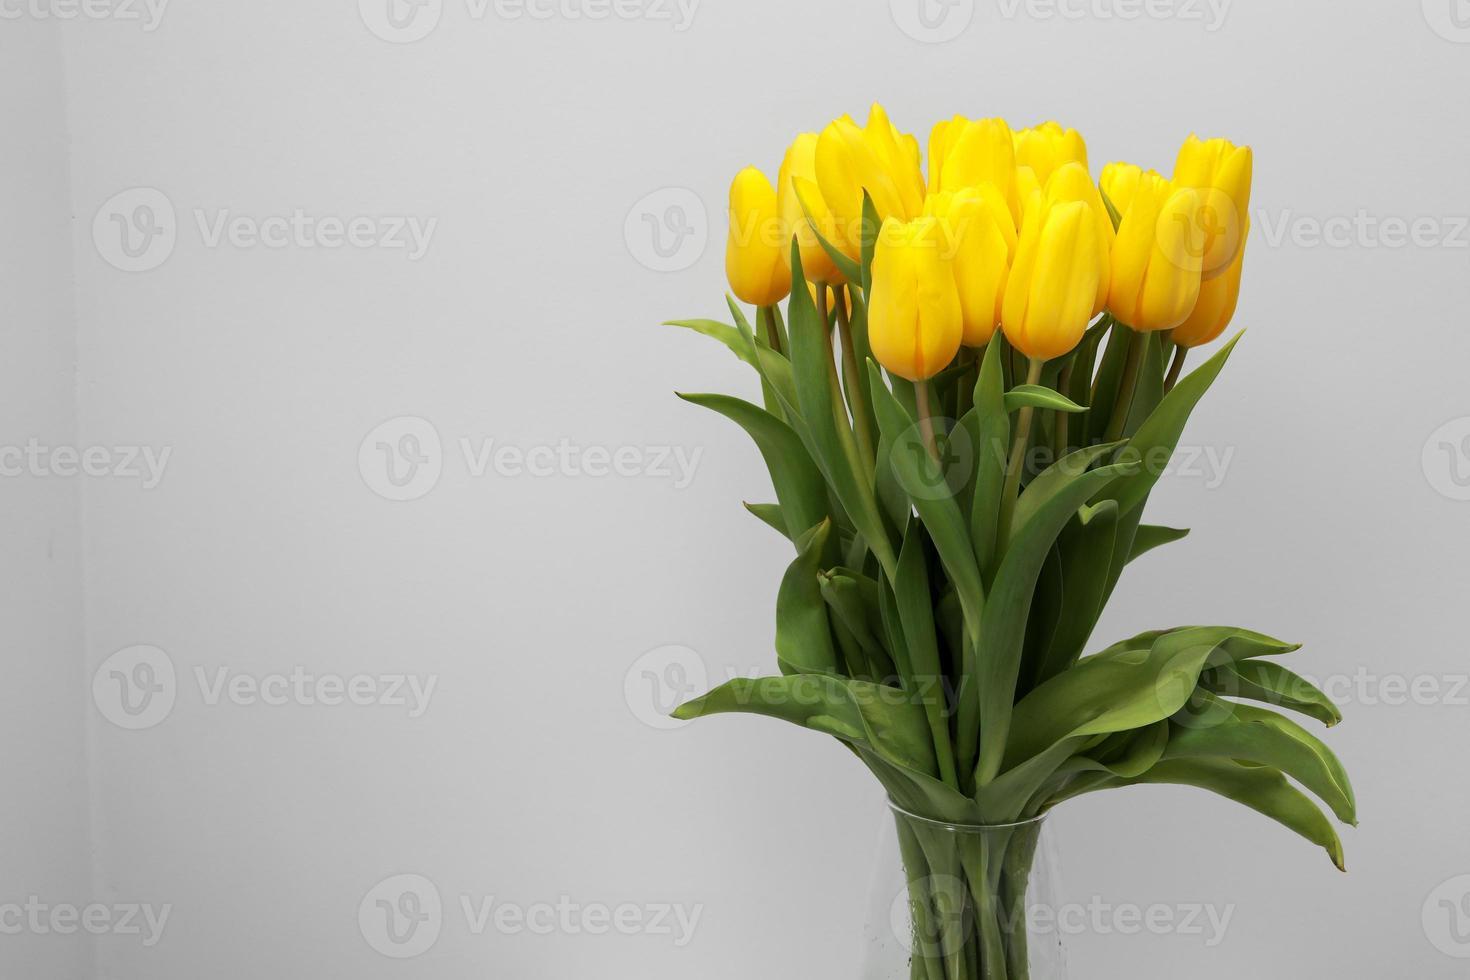 gula tulpanblommor isolerad på vit bakgrund, för din kreativa design och dekoration foto